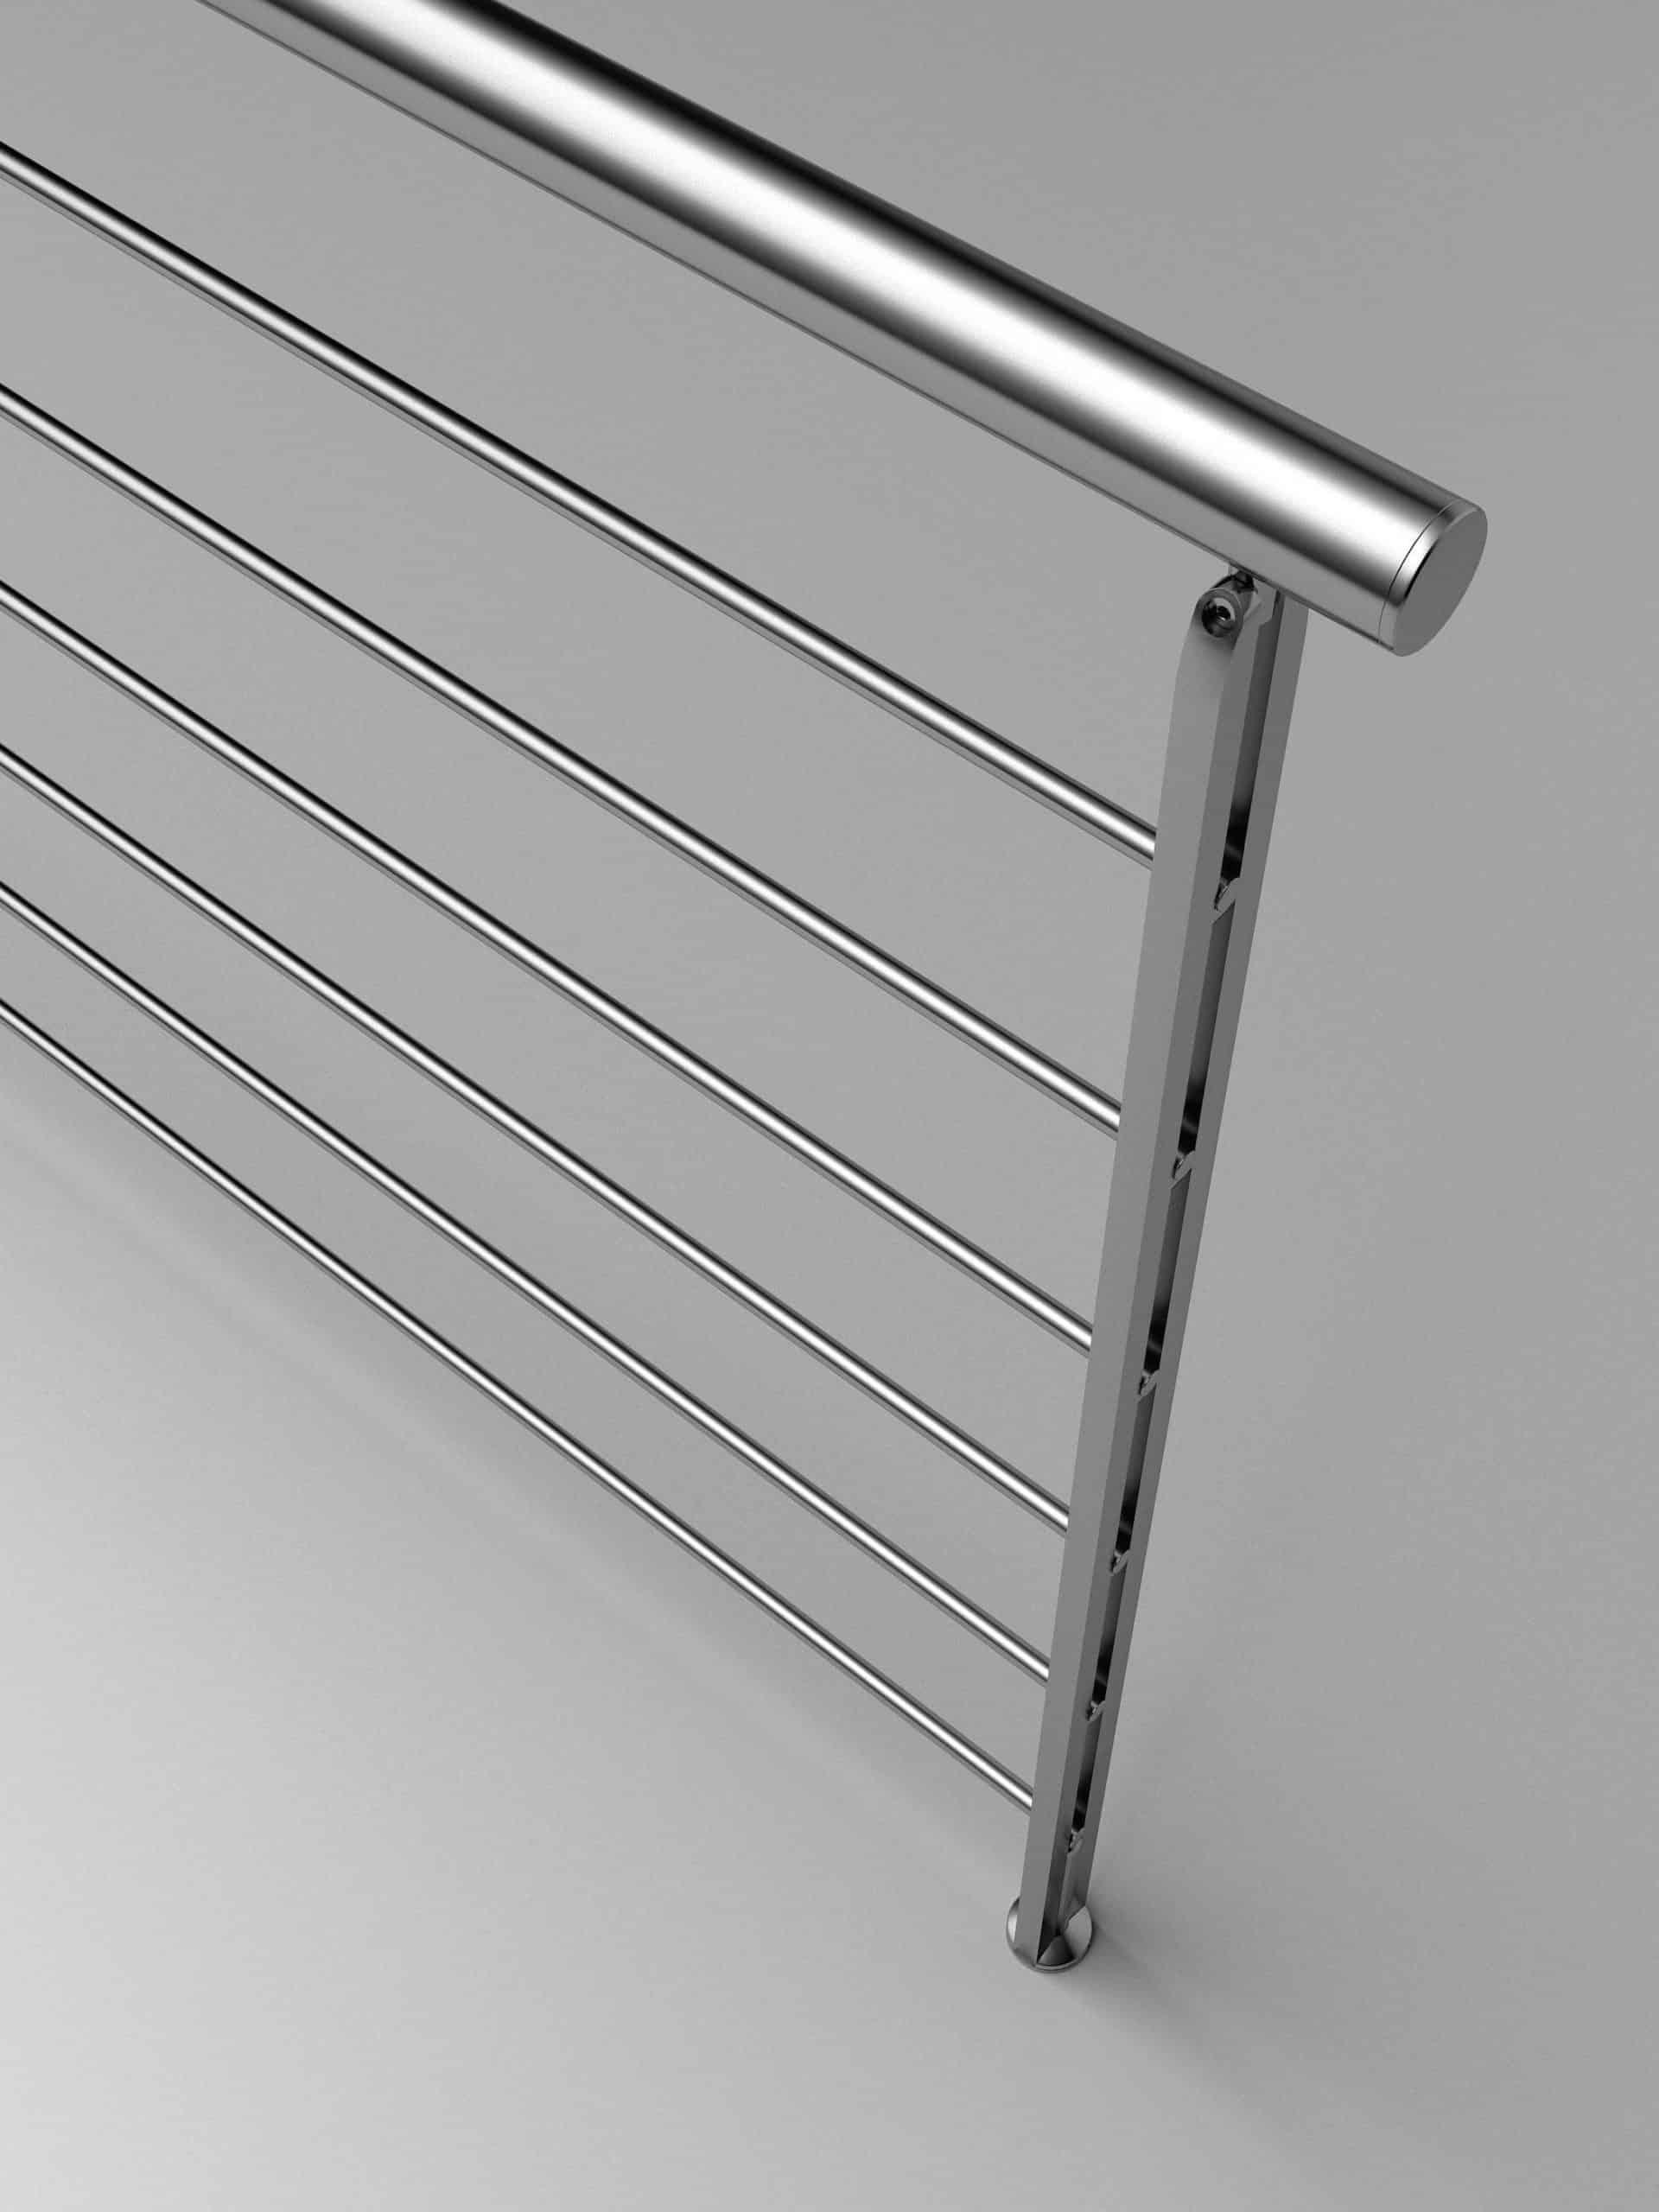 Barandillas metálicas para escaleras de Enesca.es